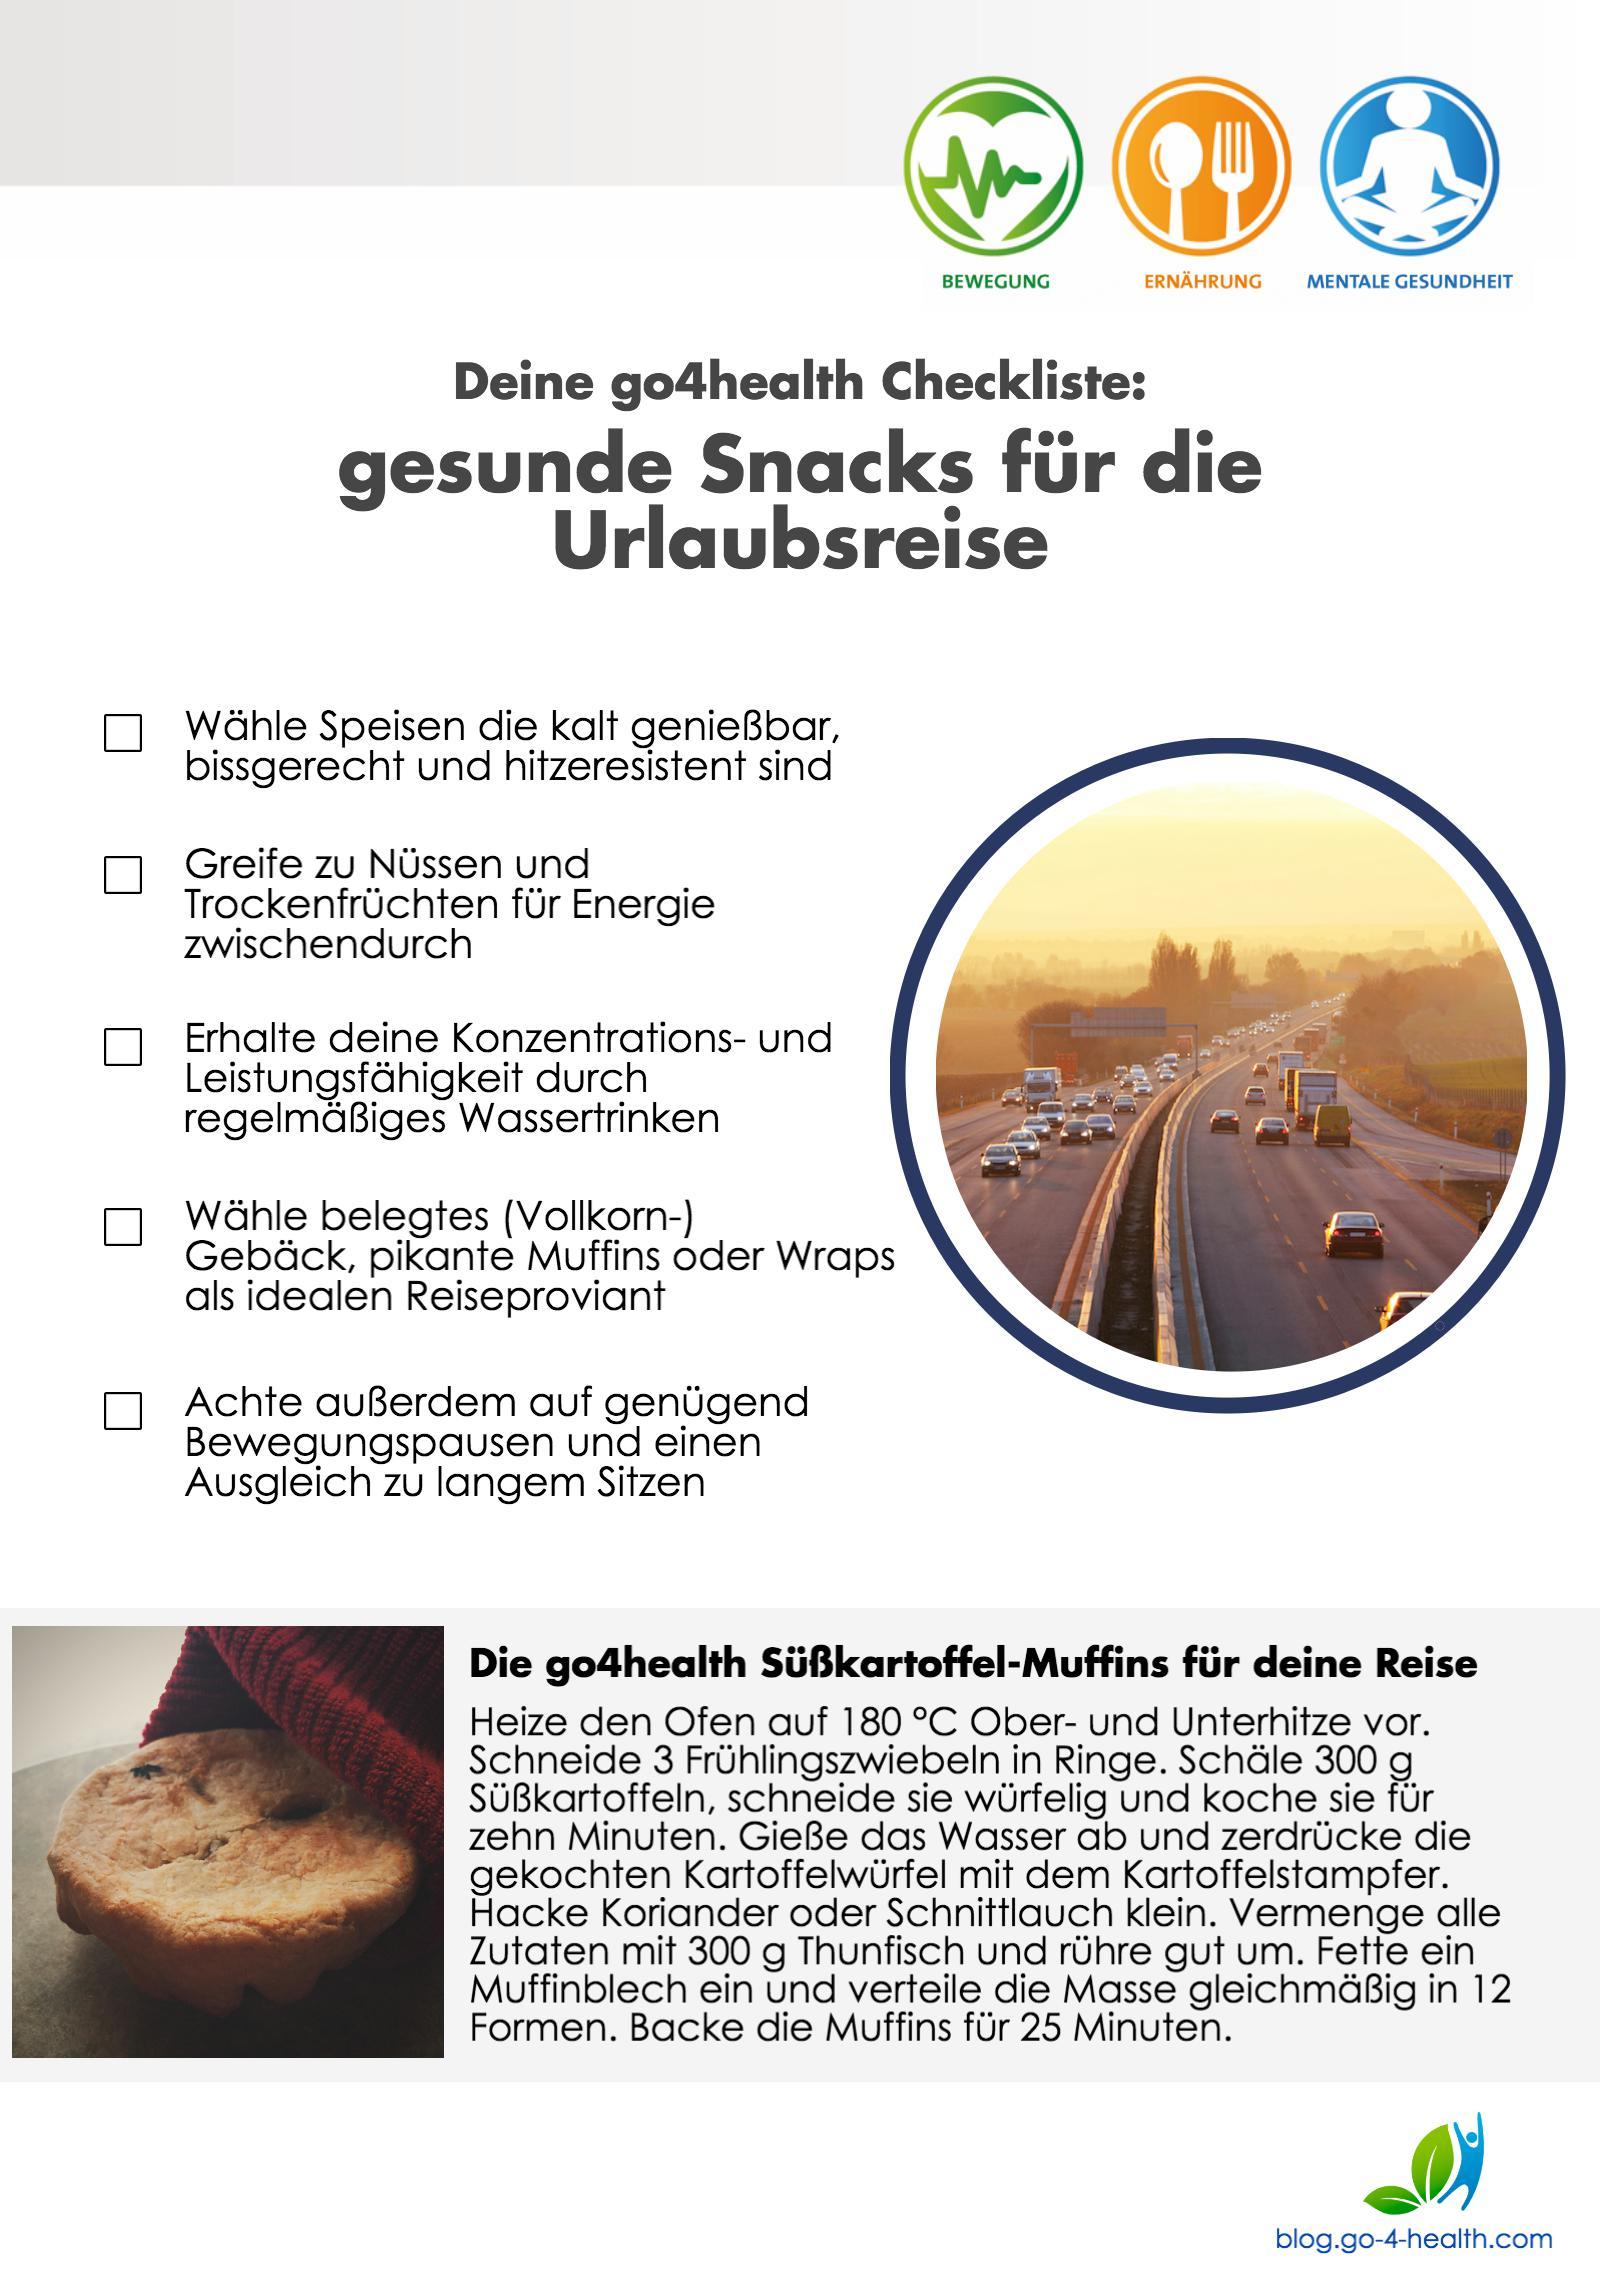 Die go4health Empfehlungen für gesunde Snacks für deine Urlaubsfahrt